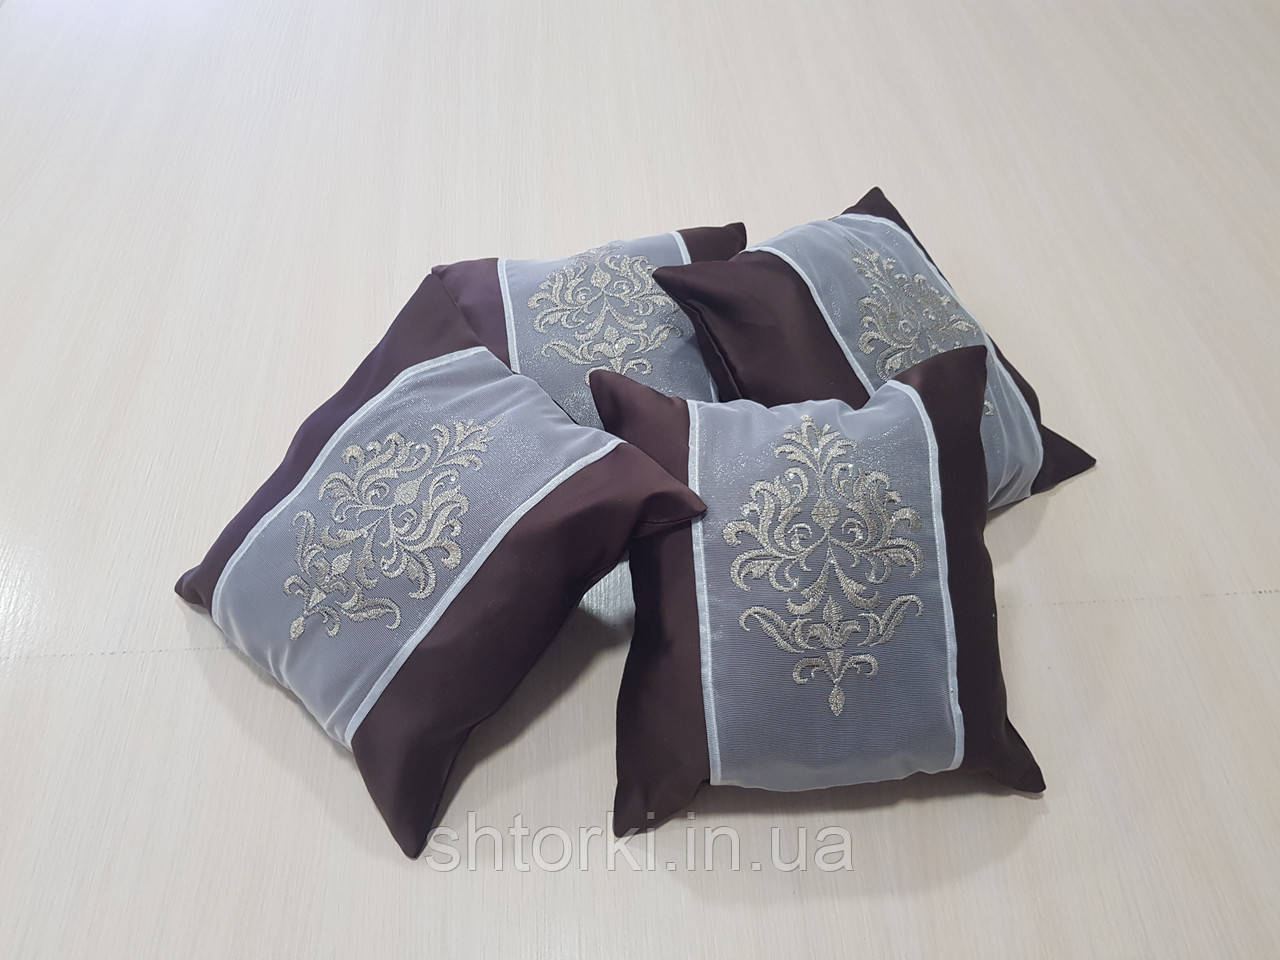 Комплект подушок шоколад з коронкою, 4шт